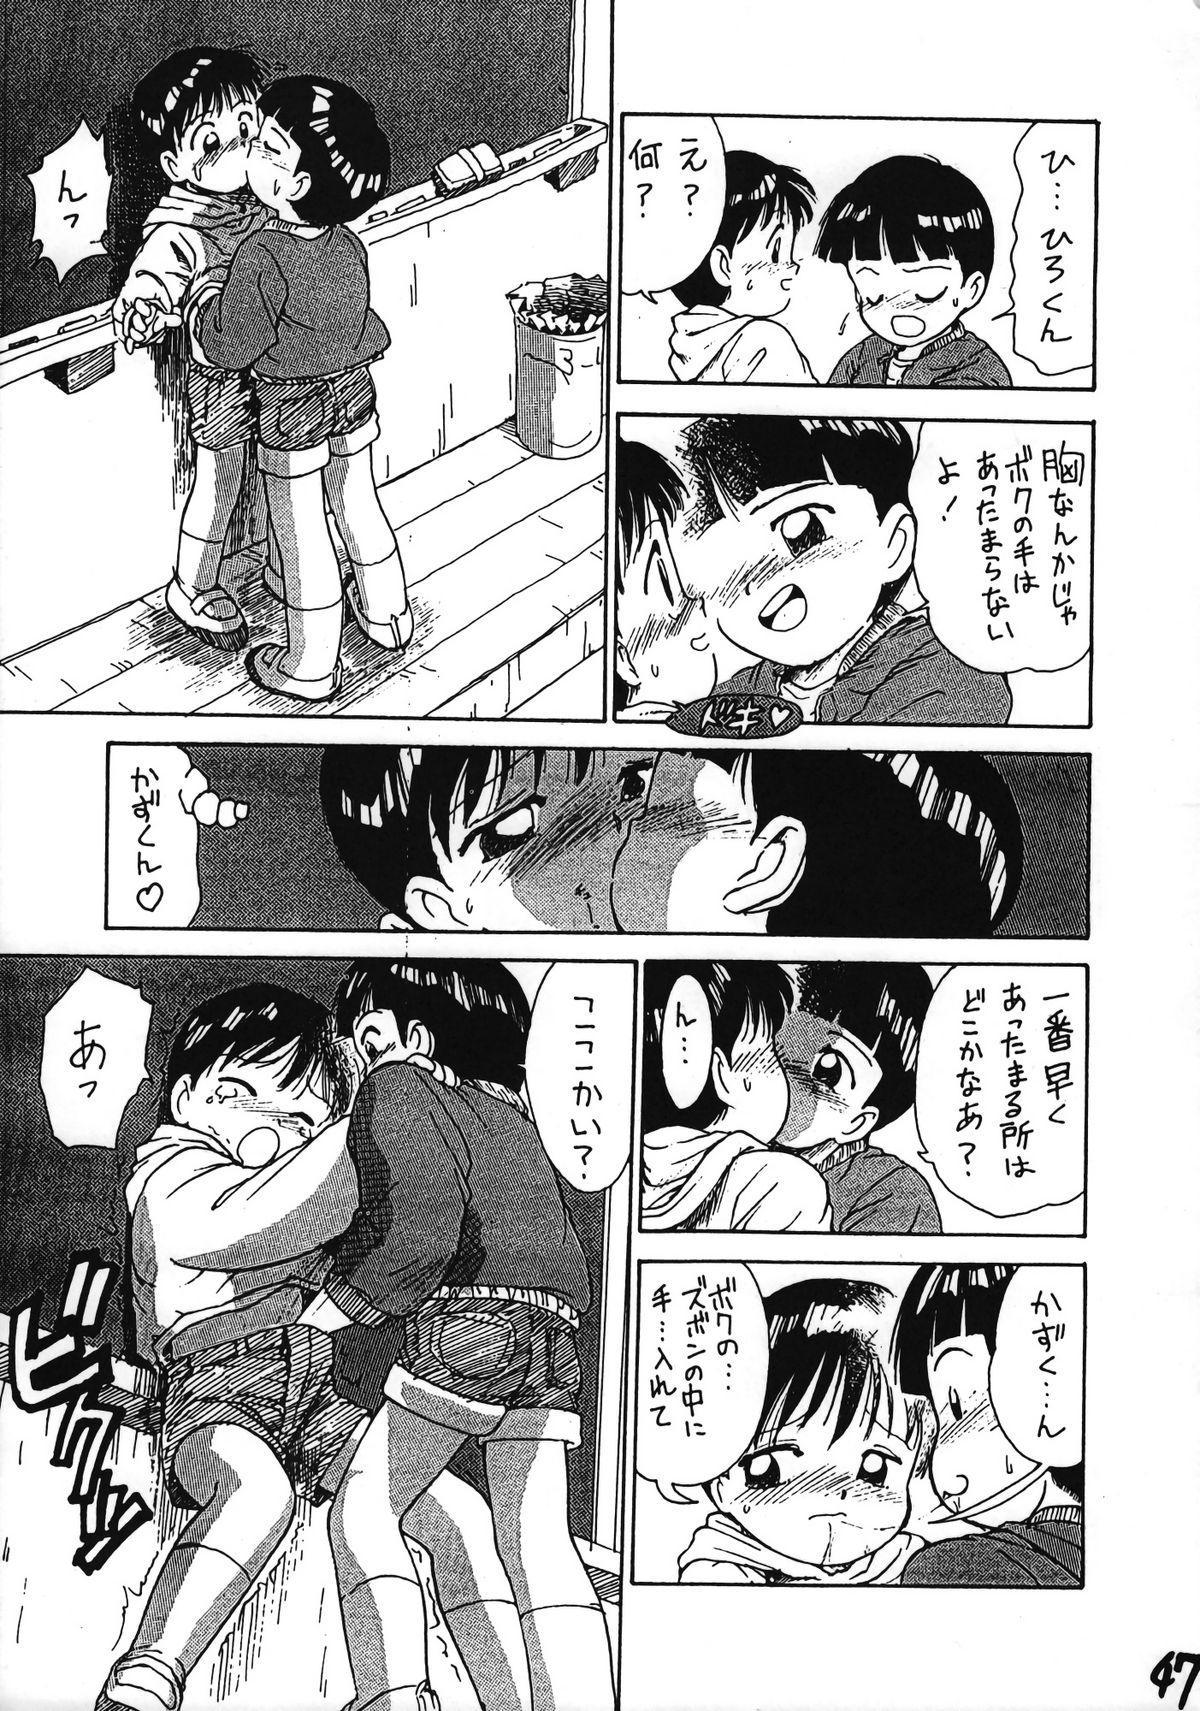 Ikenai! Otokonoko Hon Boy's H Book 2 47